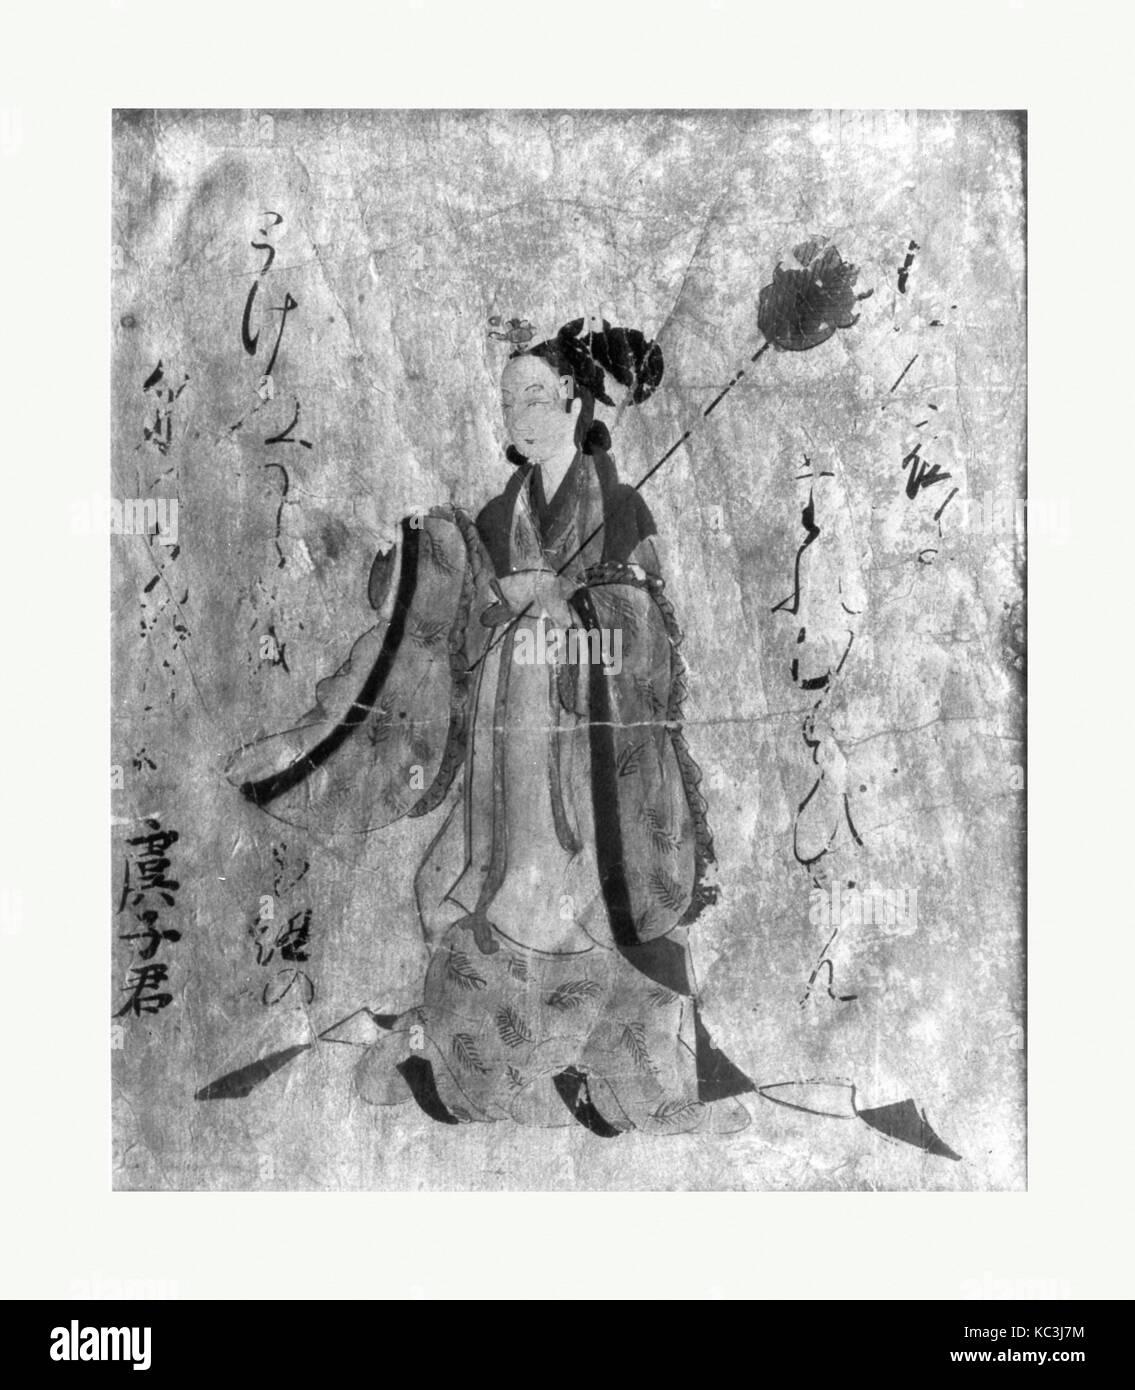 Lady, in der Tosa Stil, Edo Periode (1615 - 1868), aus dem 18. Jahrhundert, Japan, auf Papier, 7 3/4 x 5 5/8 in. Stockbild